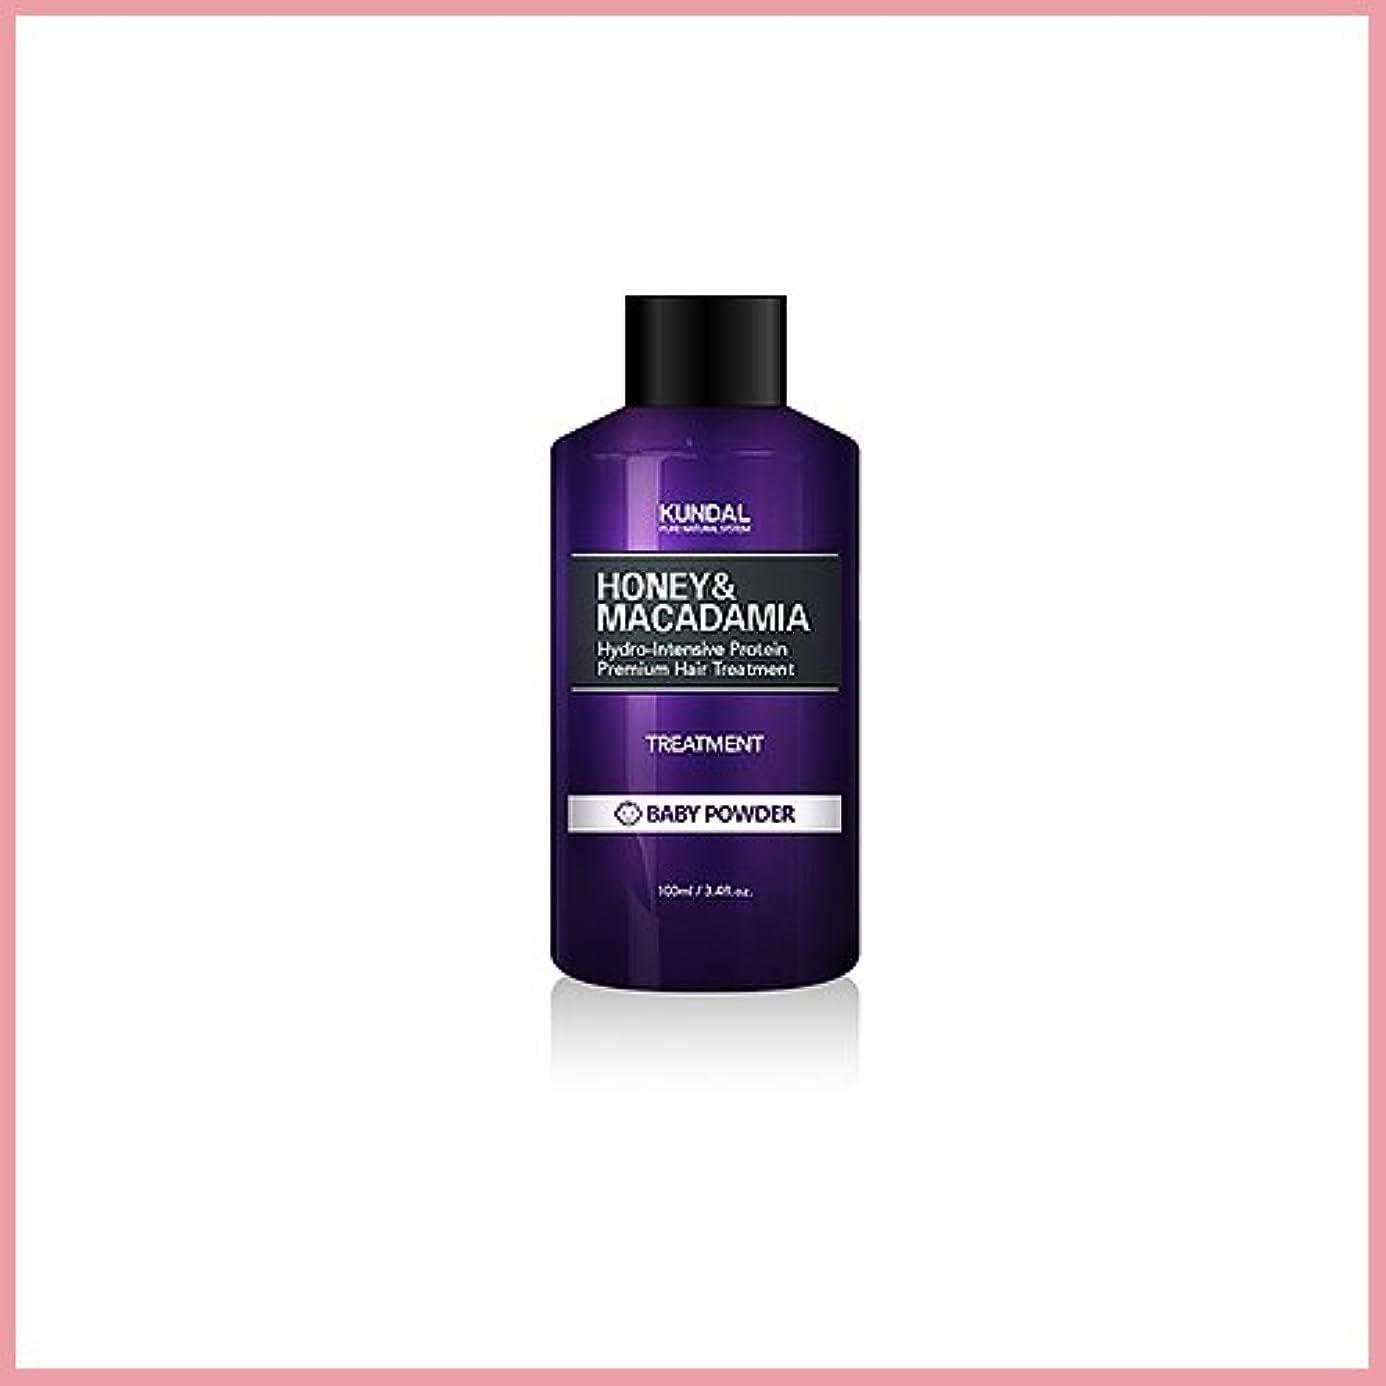 牛肉摂動天使[KUNDAL/クンダル] Kundal Premium Hair Treatment 100ml [2017年韓国満足度1位][TTBEAUTY][韓国コスメ]